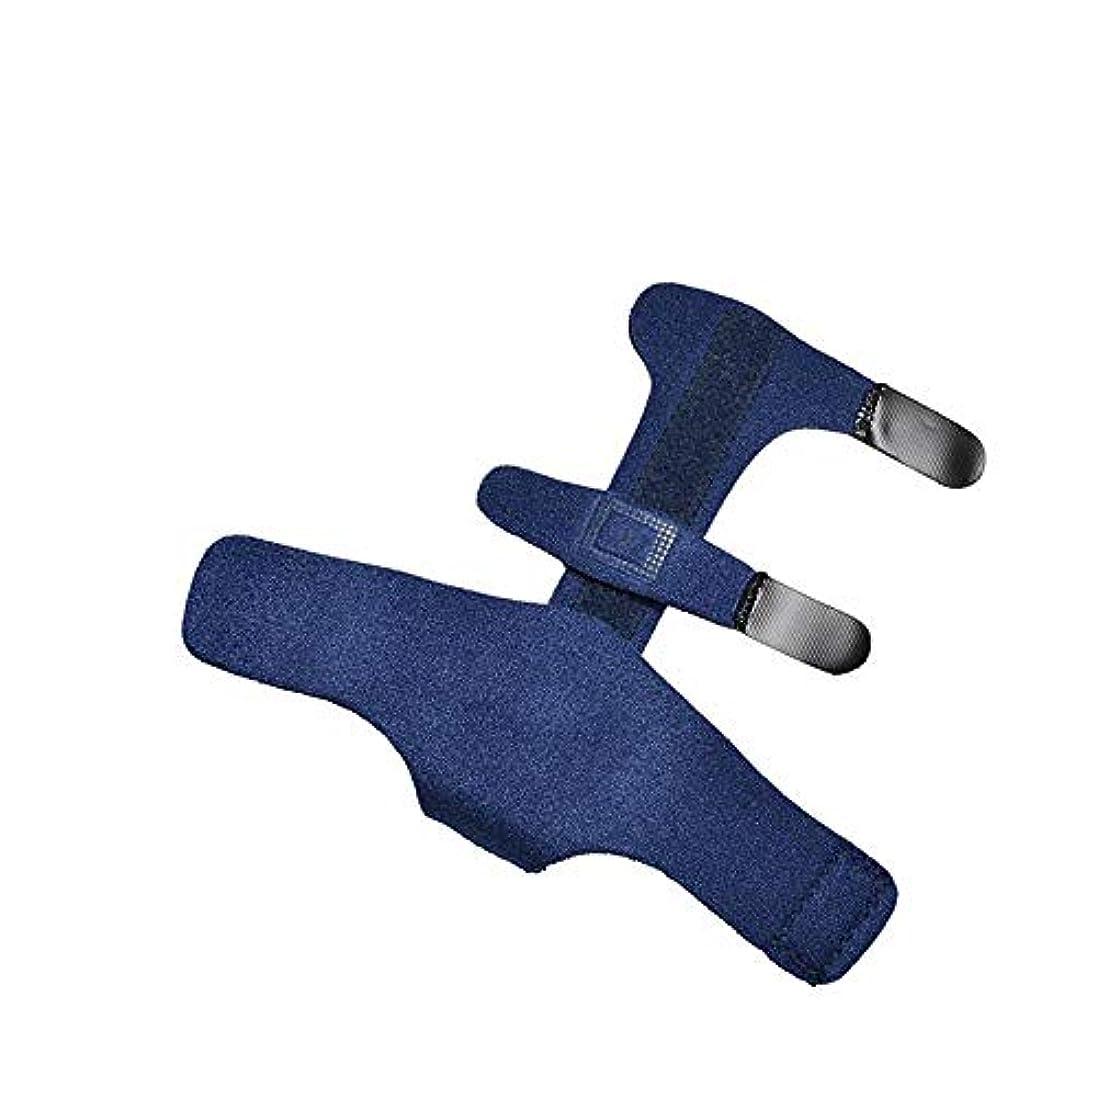 愛されし者離れた火傷ZYL-YL ベルトを固定スリーブアルミ板支持フィンガー補正を修正指固定フィンガー (Edition : Left)